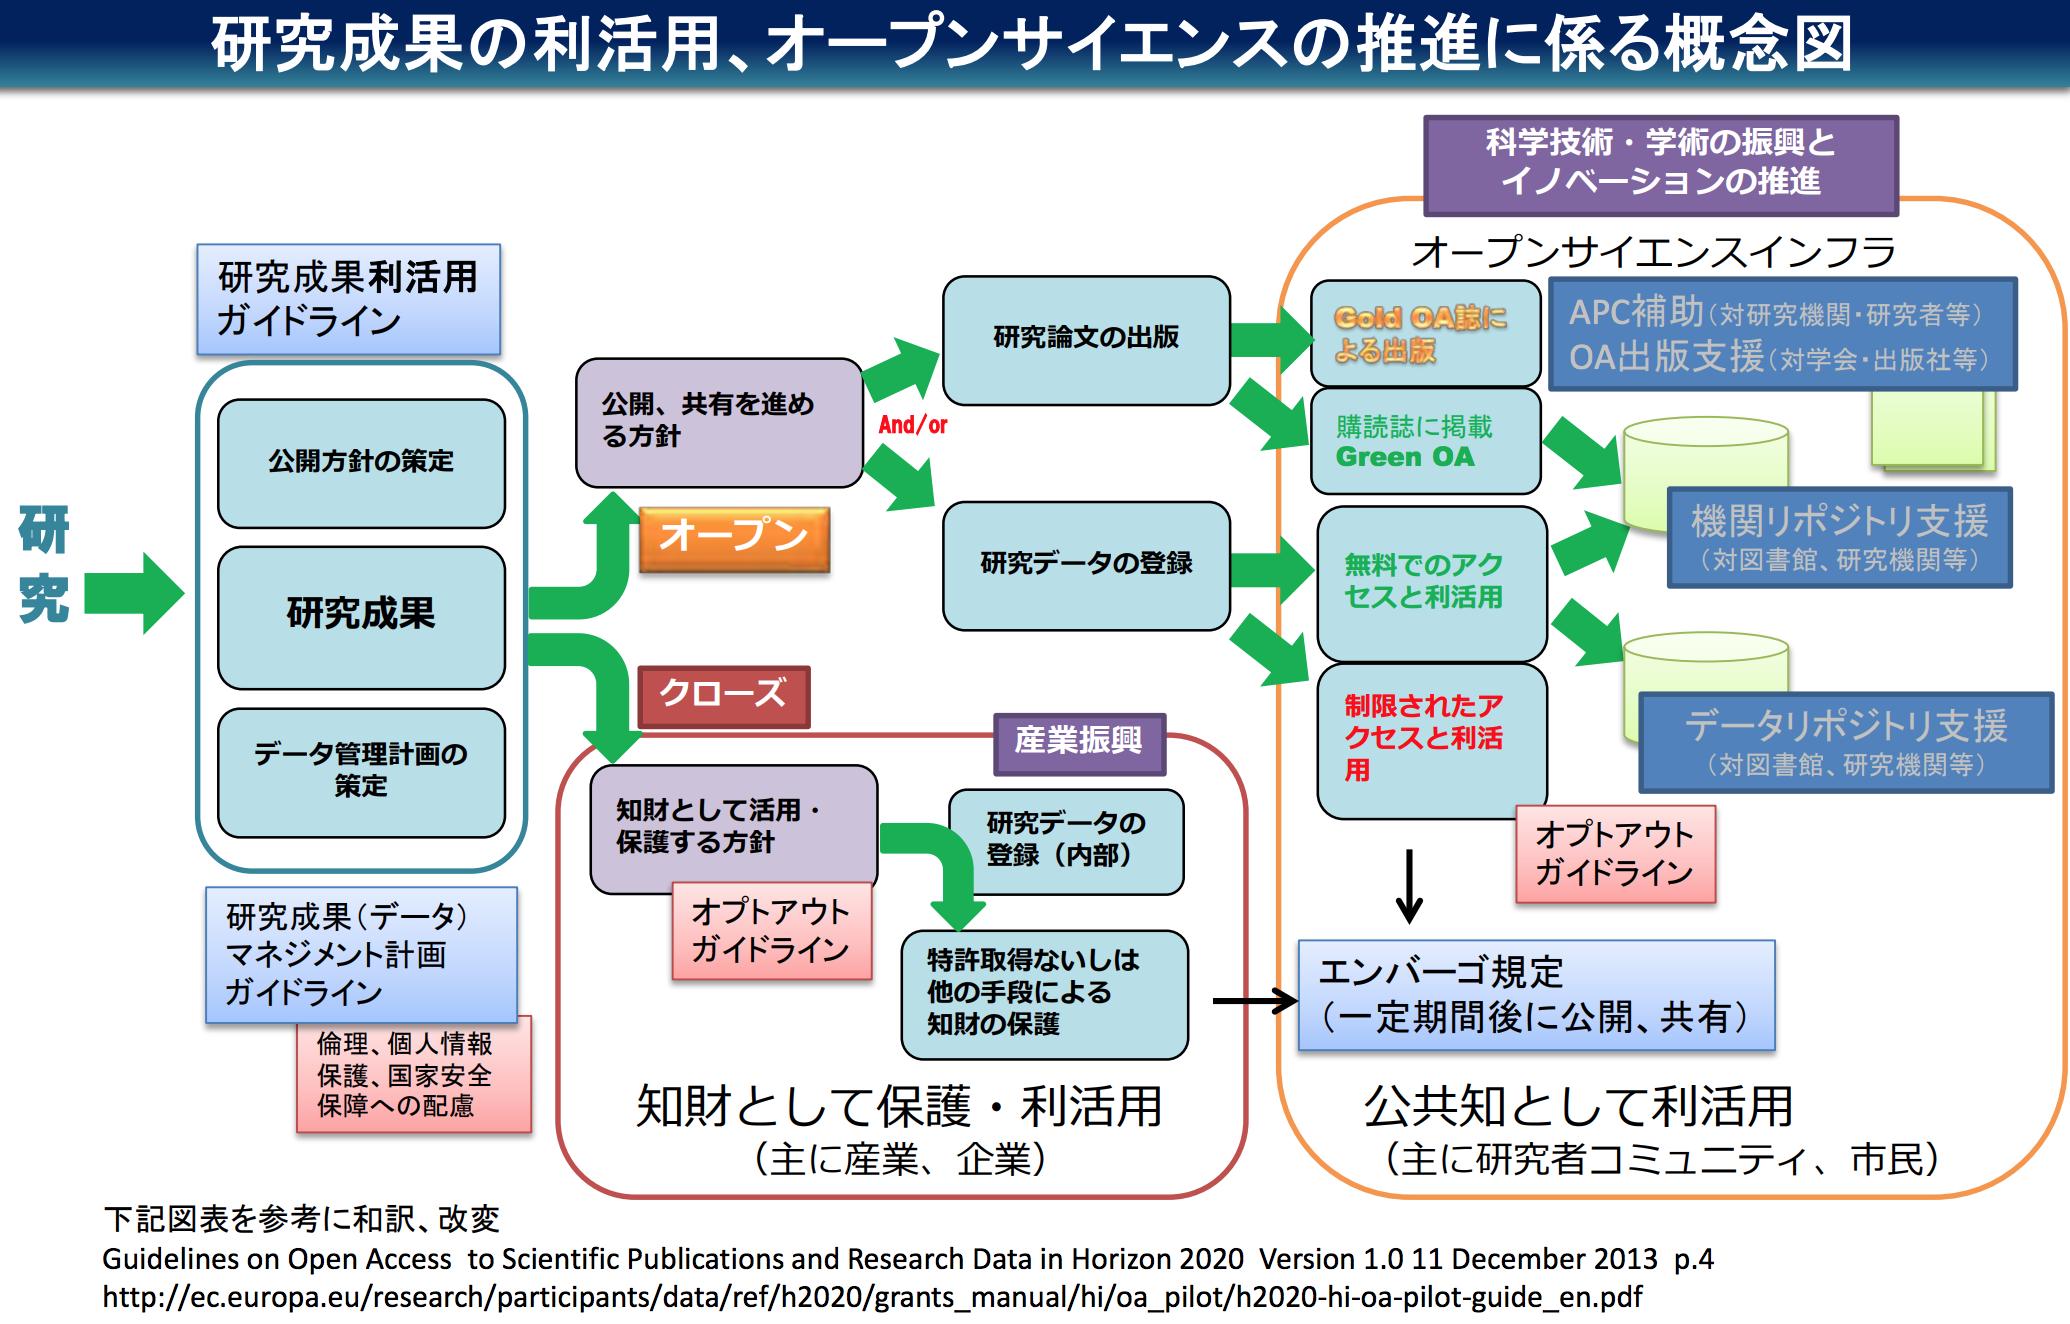 日本におけるオープンサイエンスの論点と取り組みについて:『ビジネス ...